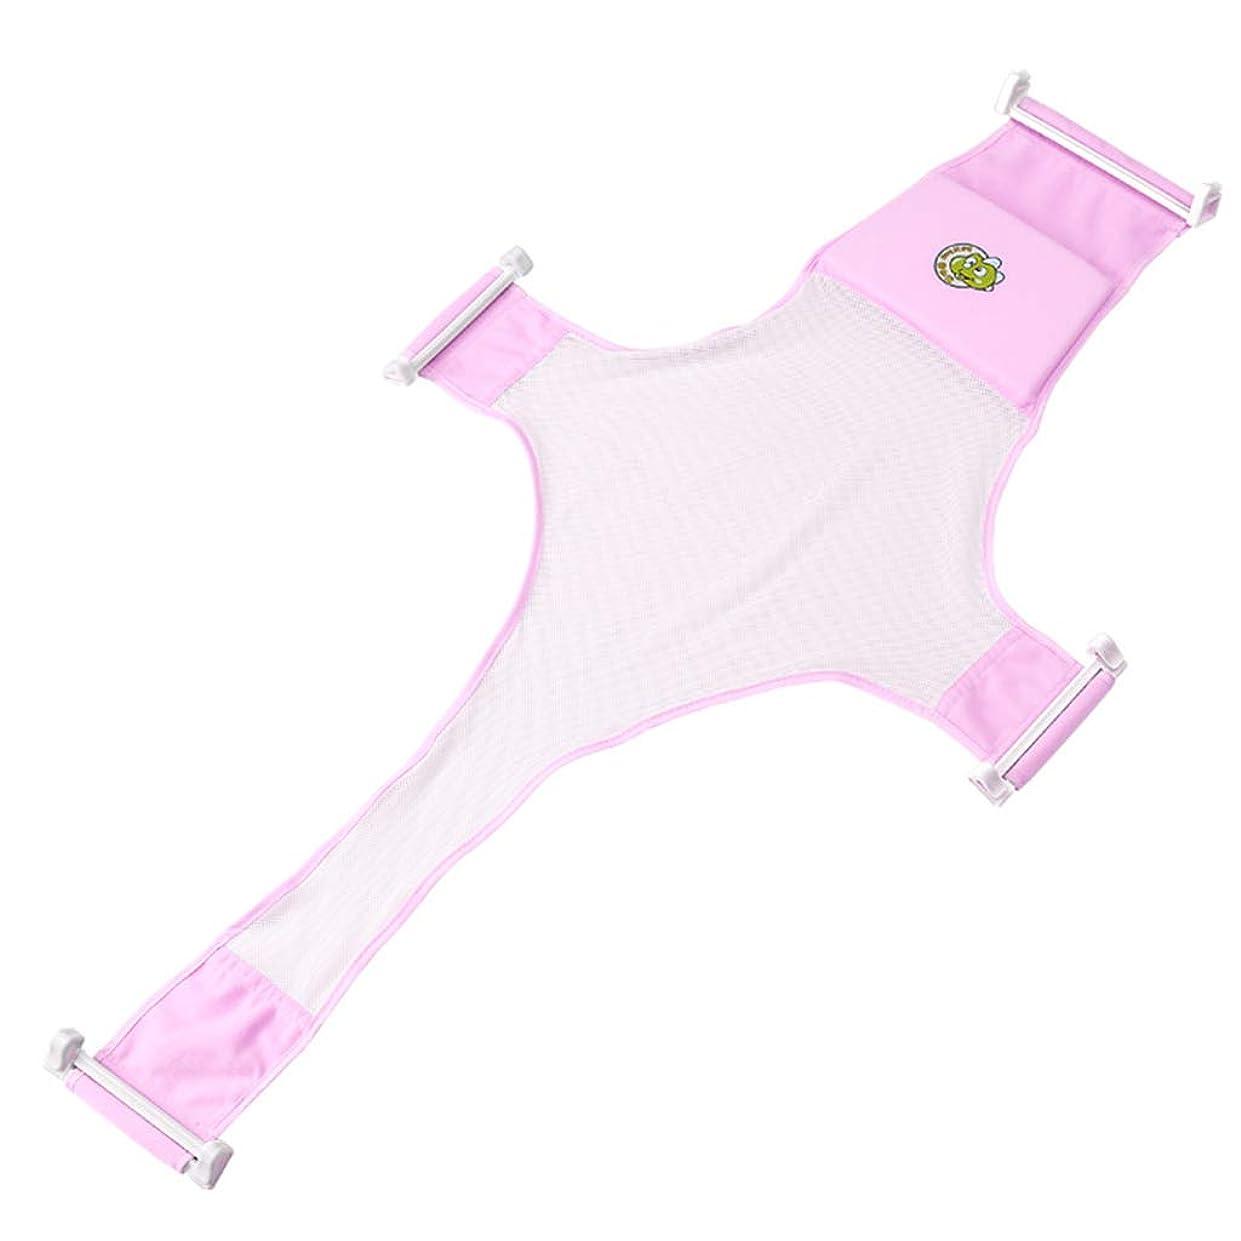 悲しむぶどうに関してOniorベビー十字架支網 調節可能 座席 支持網 滑り止め 快適 入浴 スタンドサスペンダー ハンモック 柔らかい ピンク